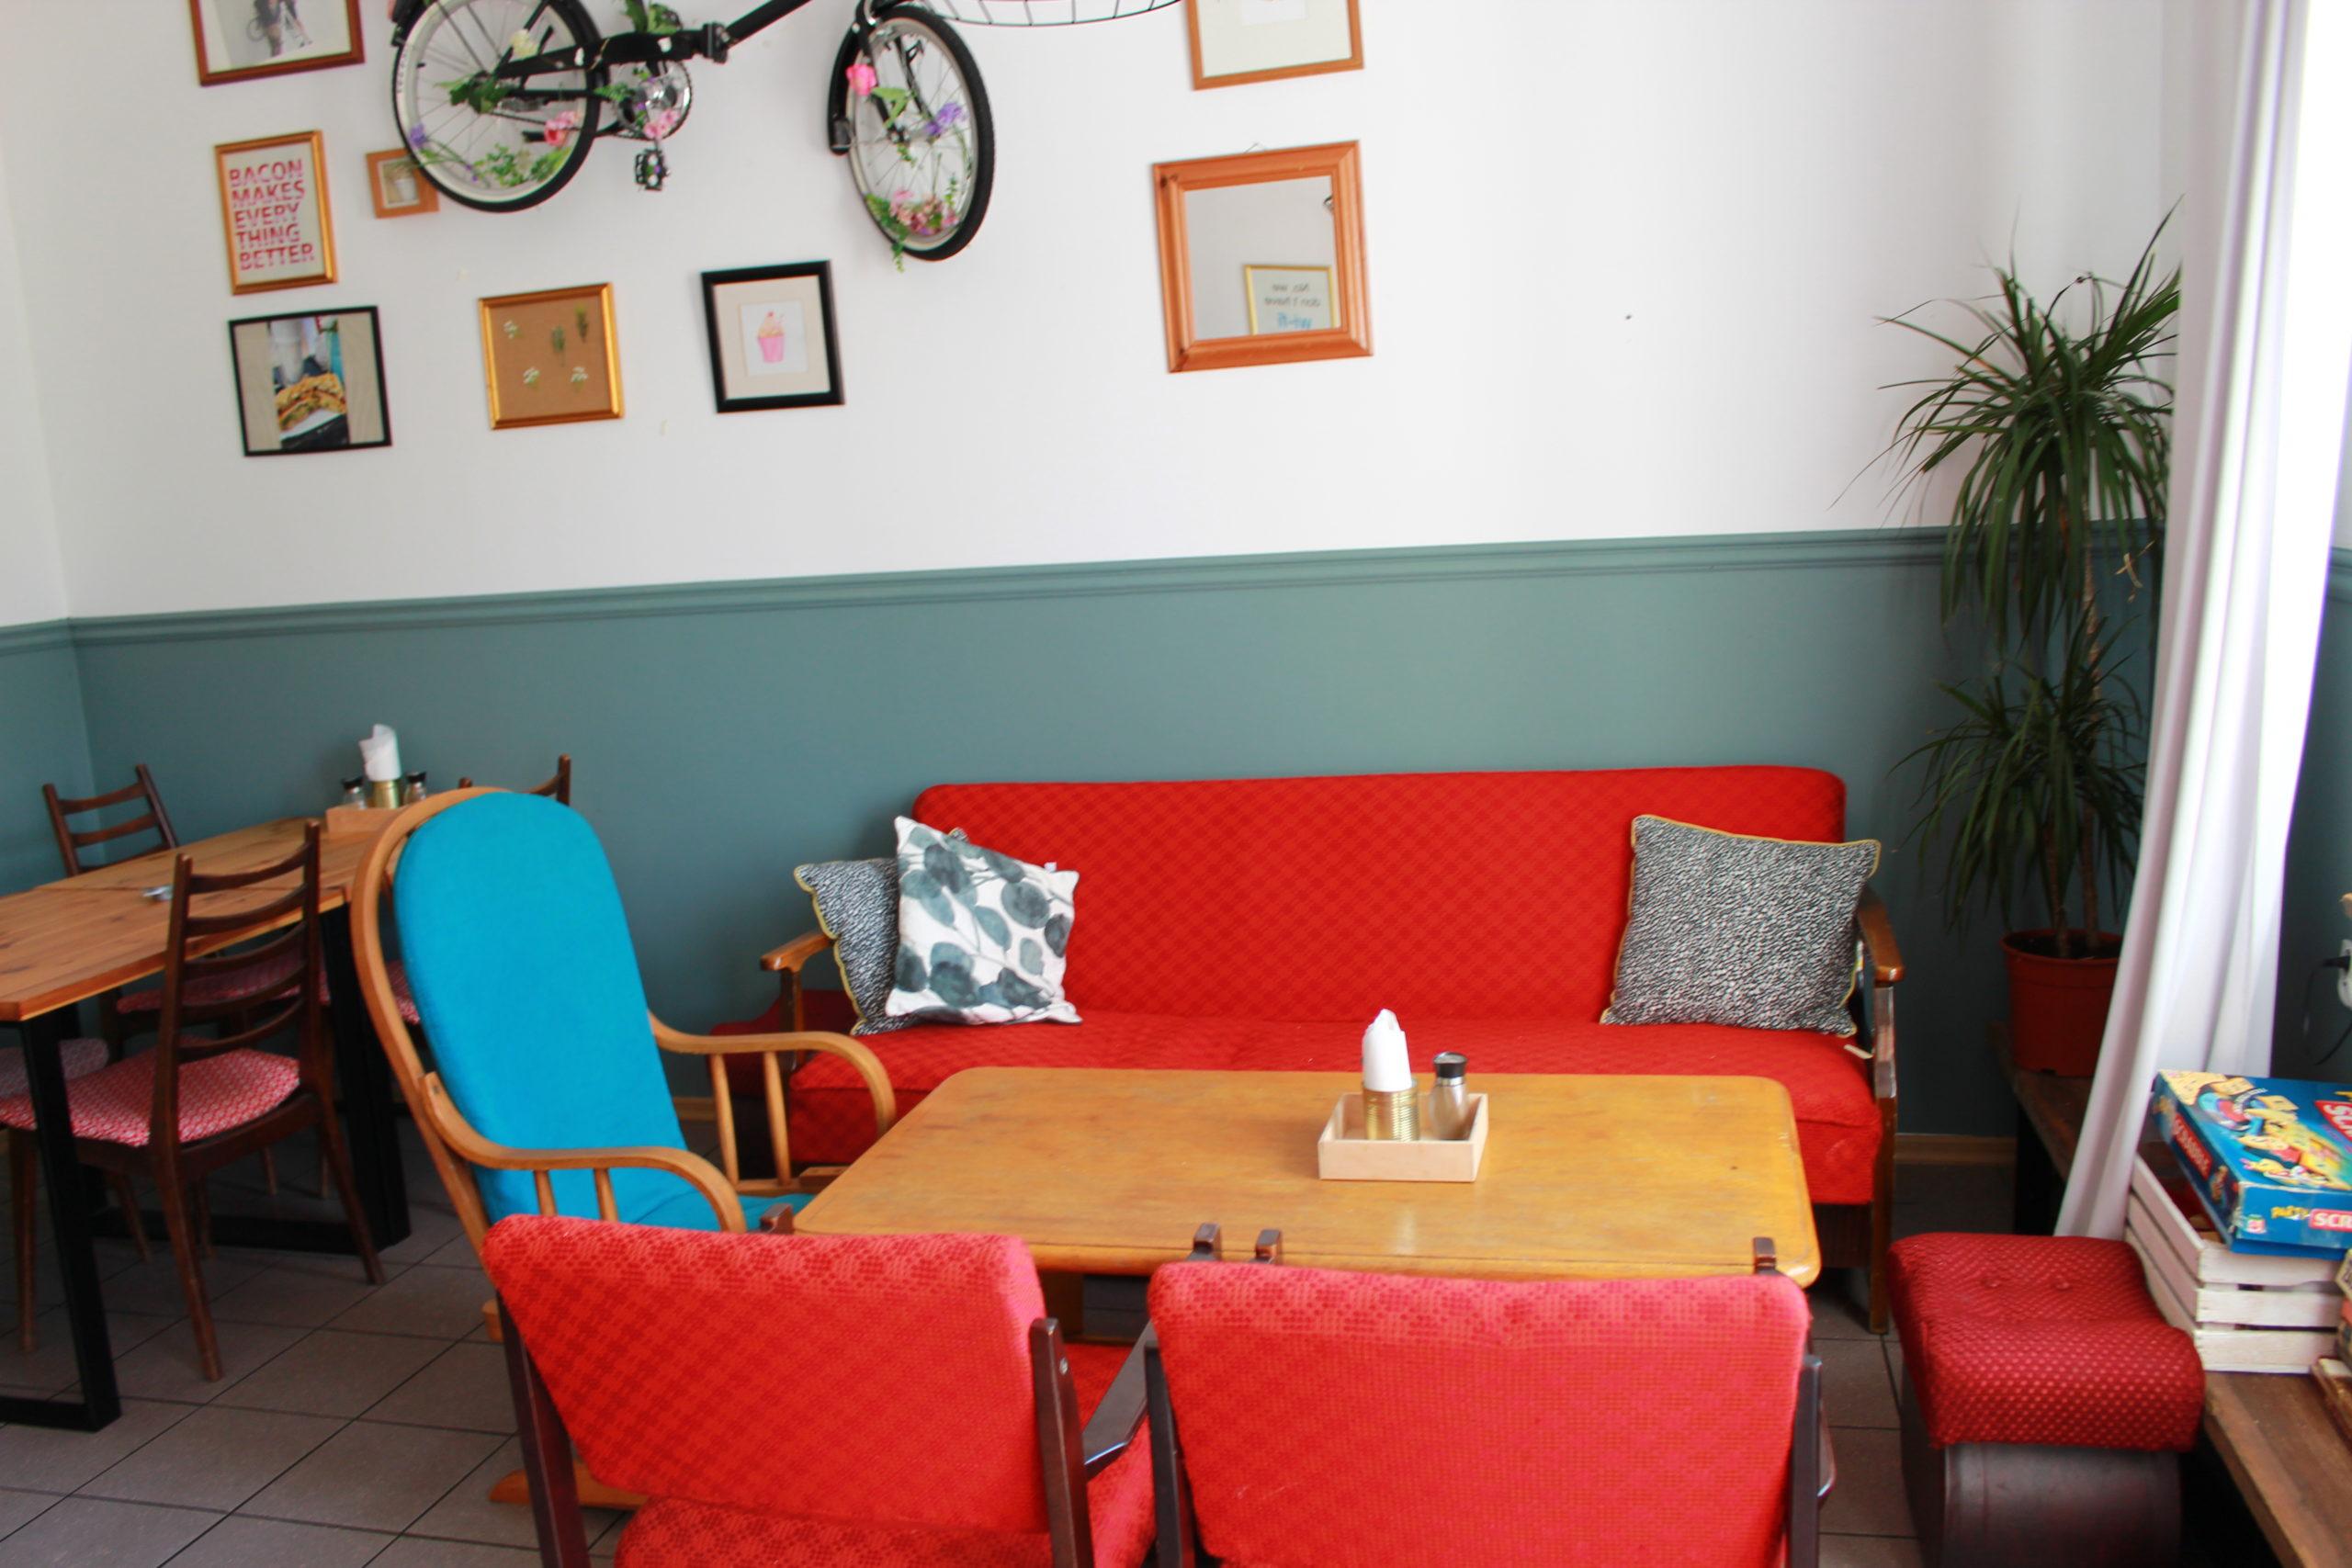 czerwone fotele i kanapa w restauracji